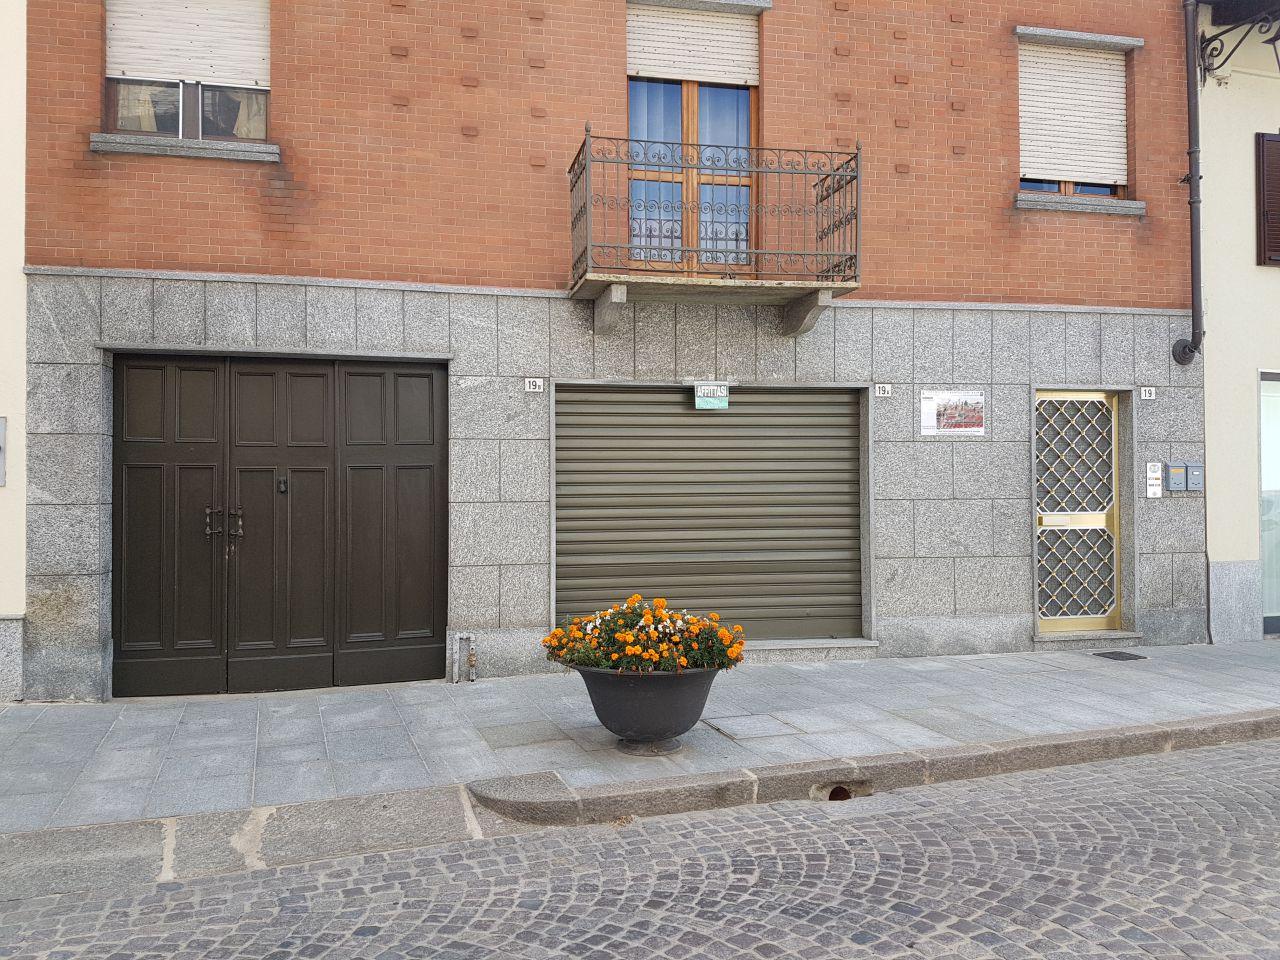 Negozio / Locale in affitto a Saluggia, 1 locali, prezzo € 320 | PortaleAgenzieImmobiliari.it